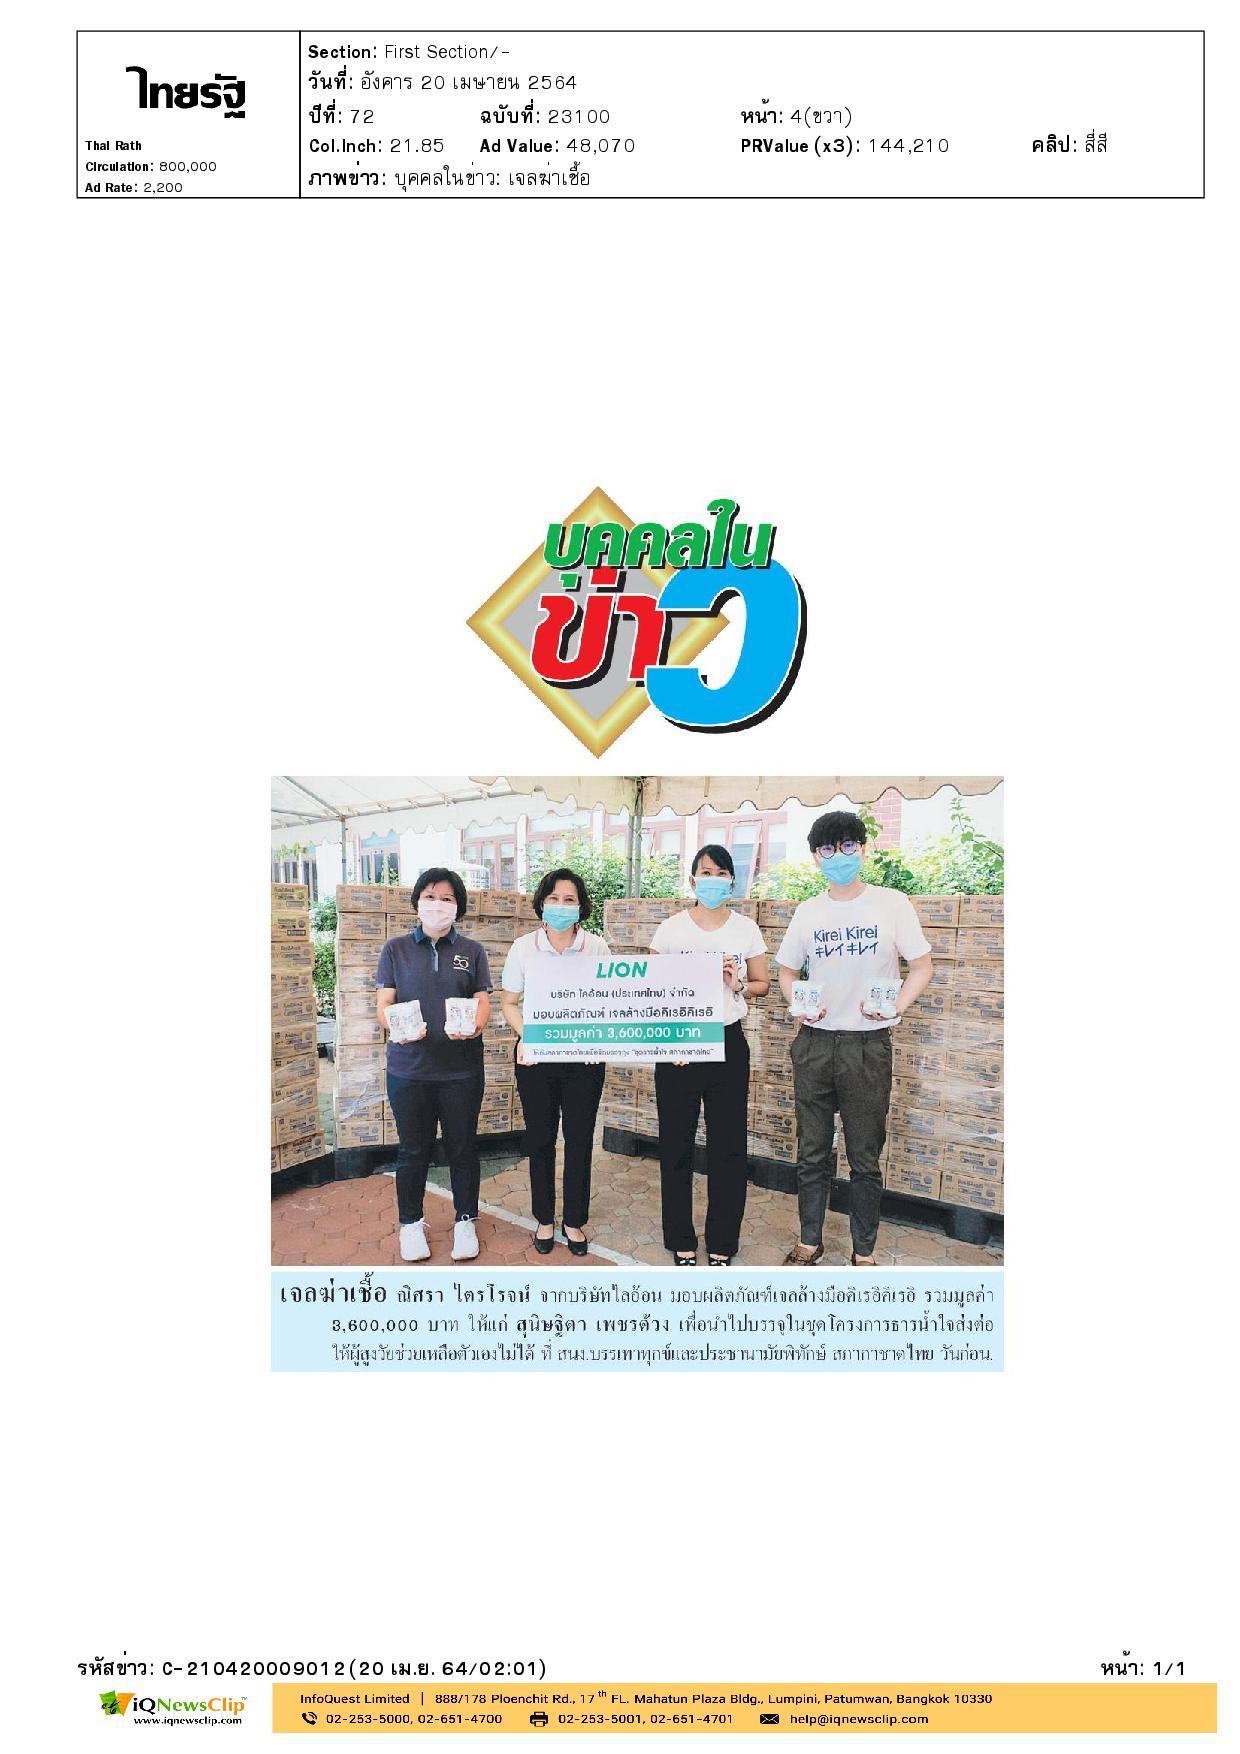 รับมอบผลิตภัณฑ์เจลล้างมือคิเรอิคิเรอิจาก บริษัท ไลอ้อน (ประเทศไทย) จำกัด